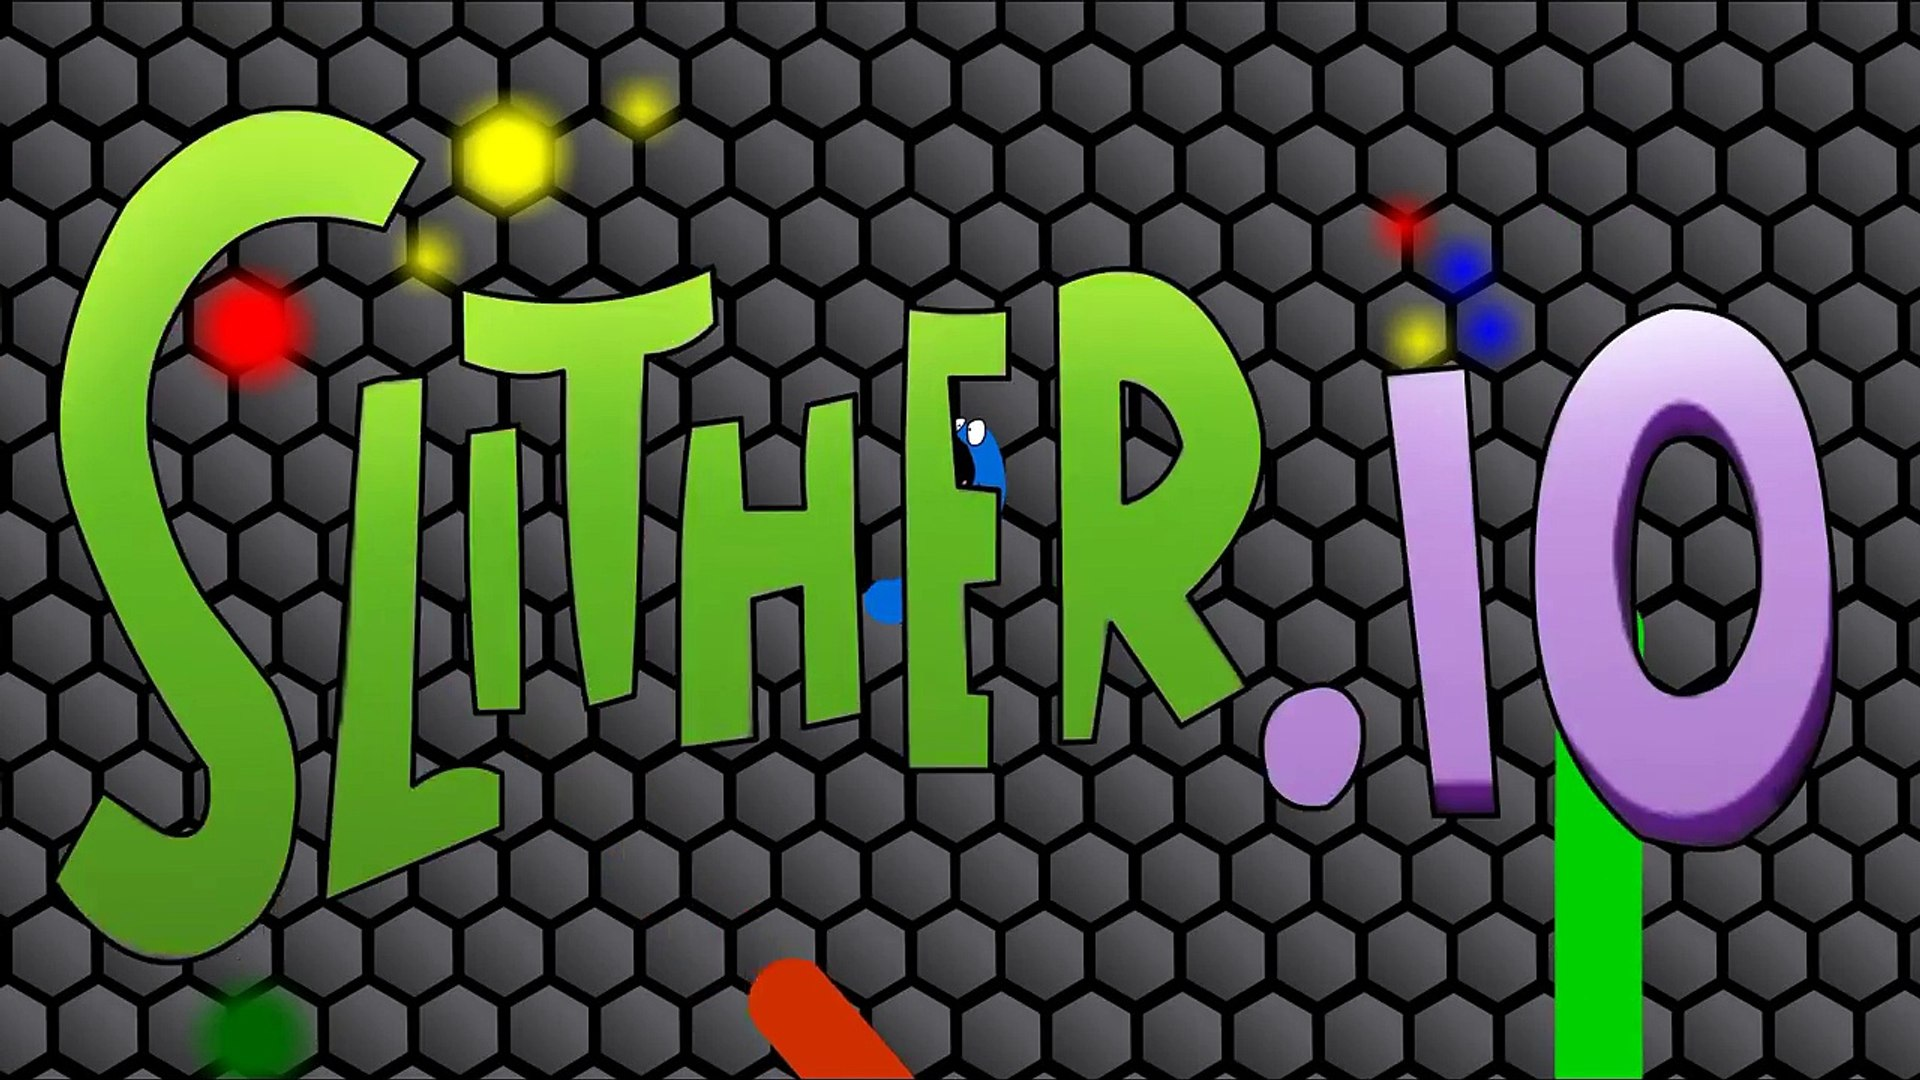 SLITHER-IO CARTOON 【Animation Parody】 【Animation Parody】